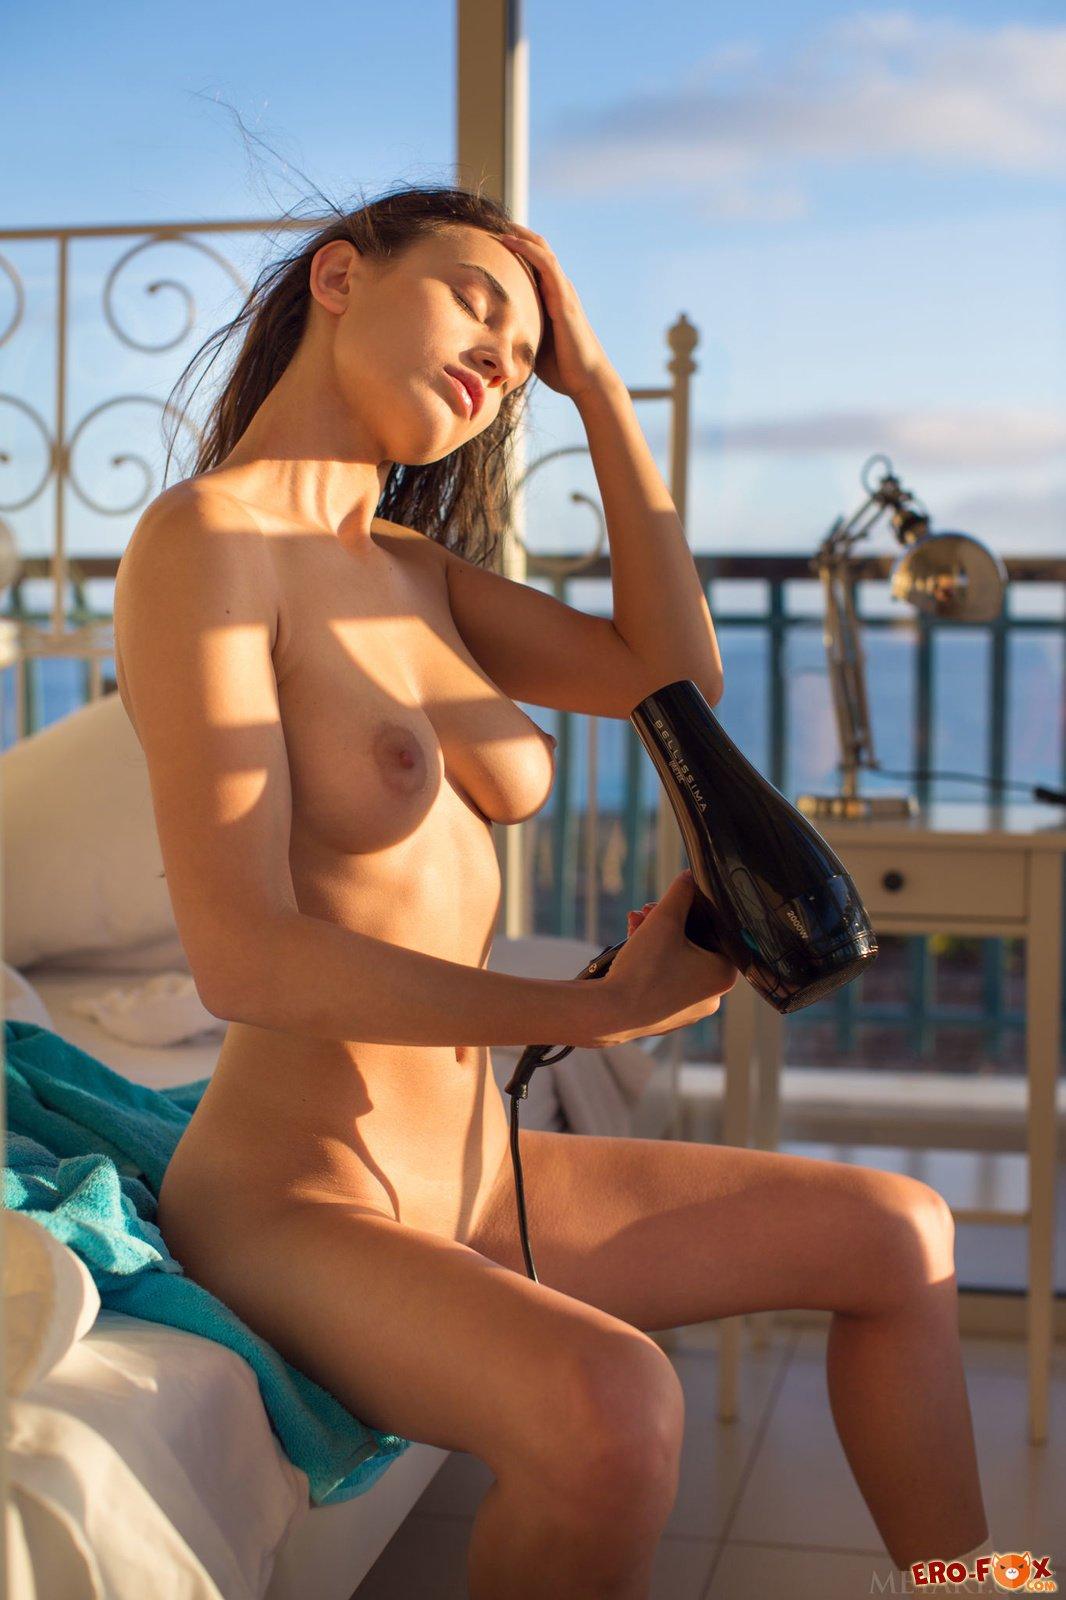 Молодая сочная девушка с красивым телом